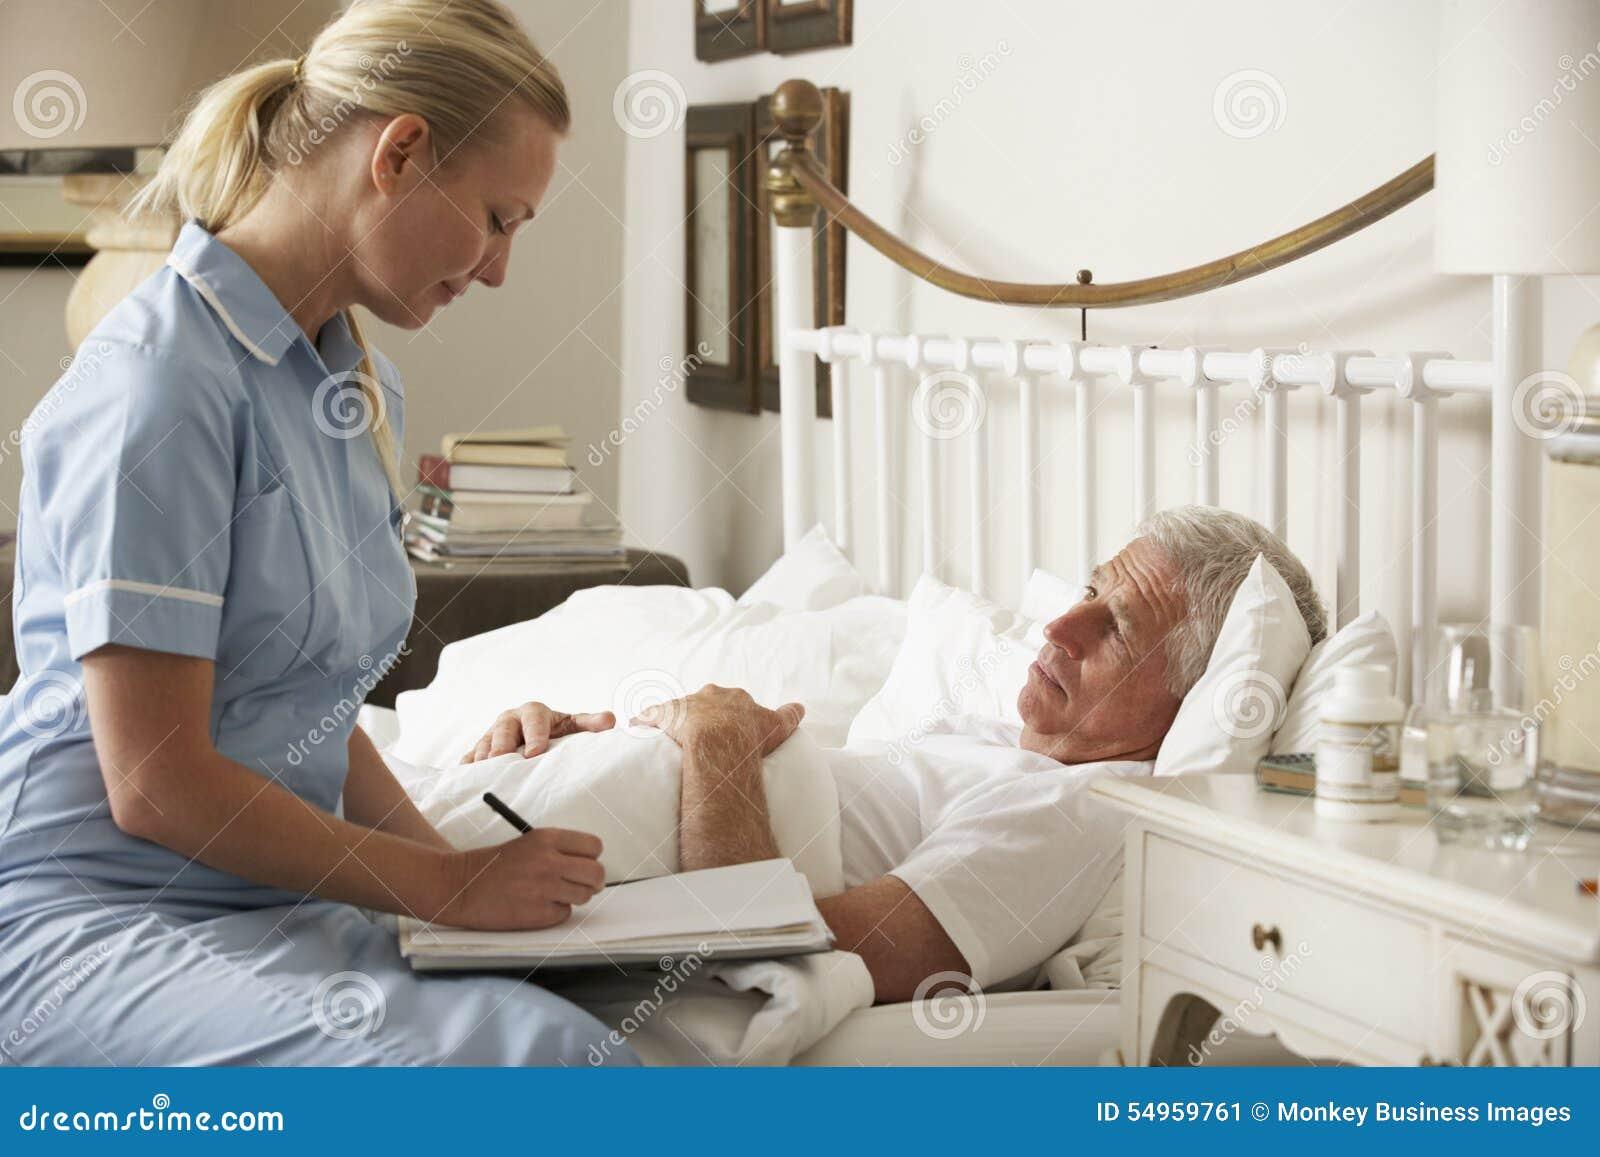 Pielęgniarka Odwiedza Starszego Męskiego pacjenta W łóżku W Domu